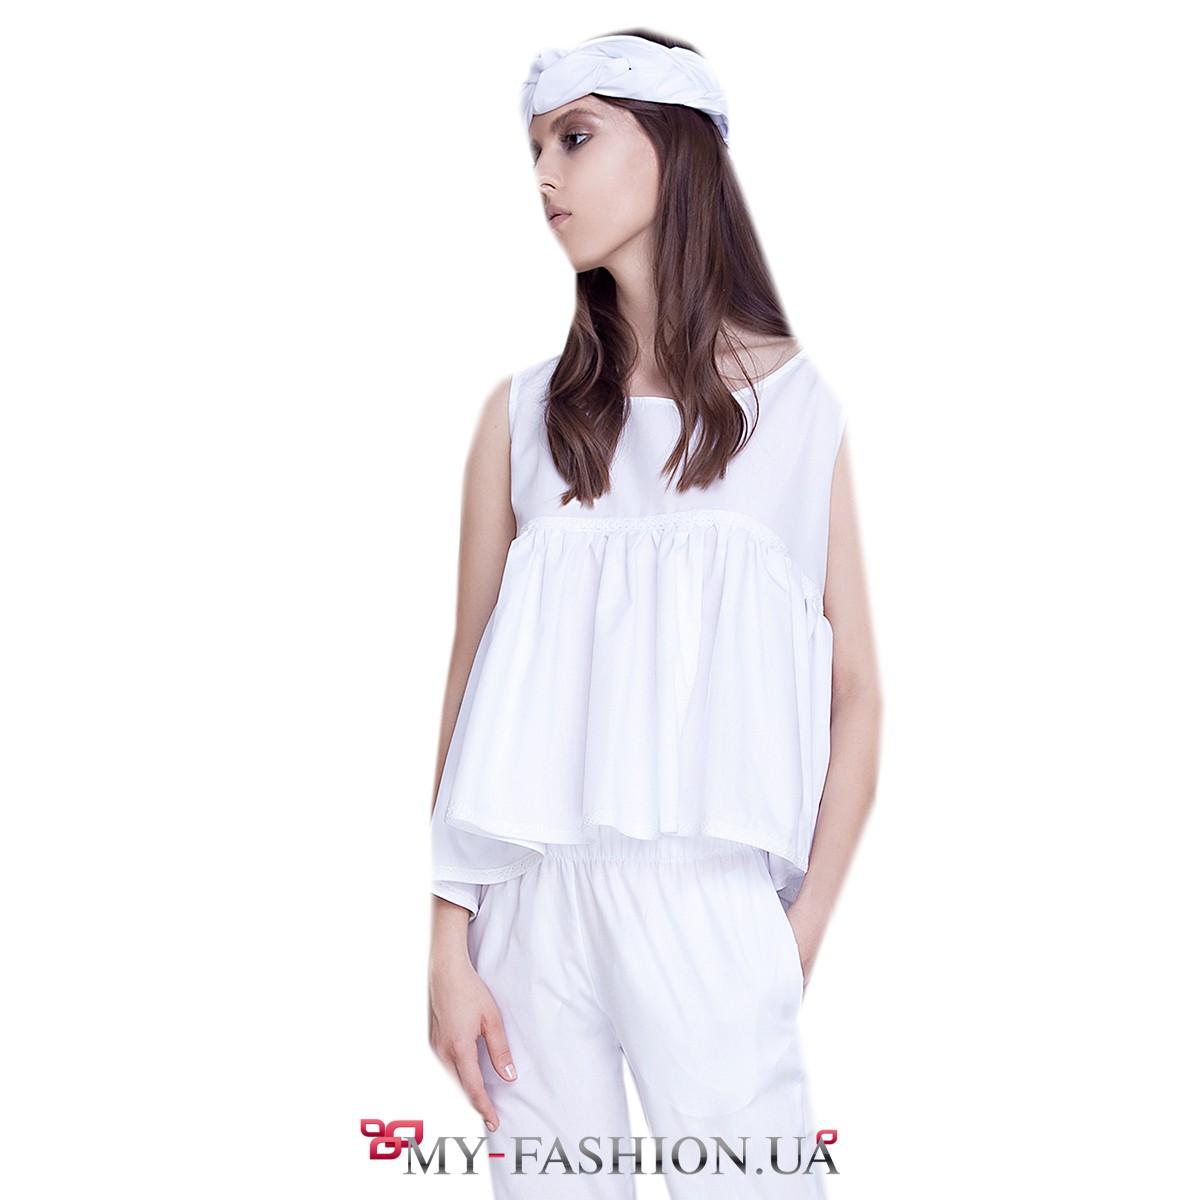 Боди блузки женские в спб